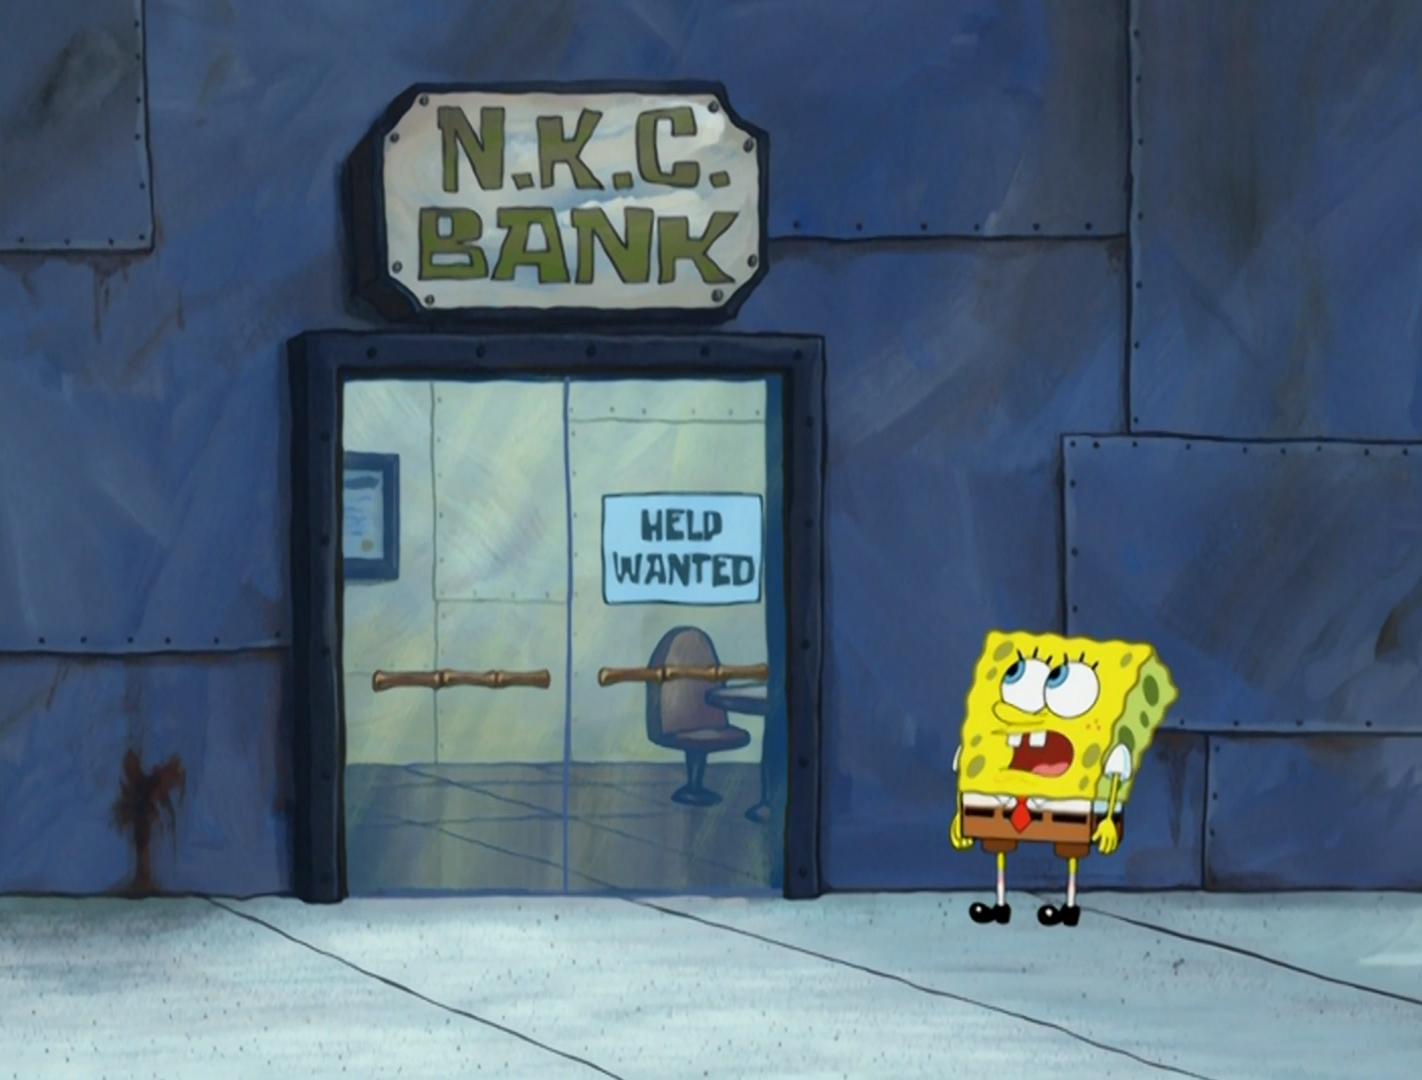 N.K.C. Bank